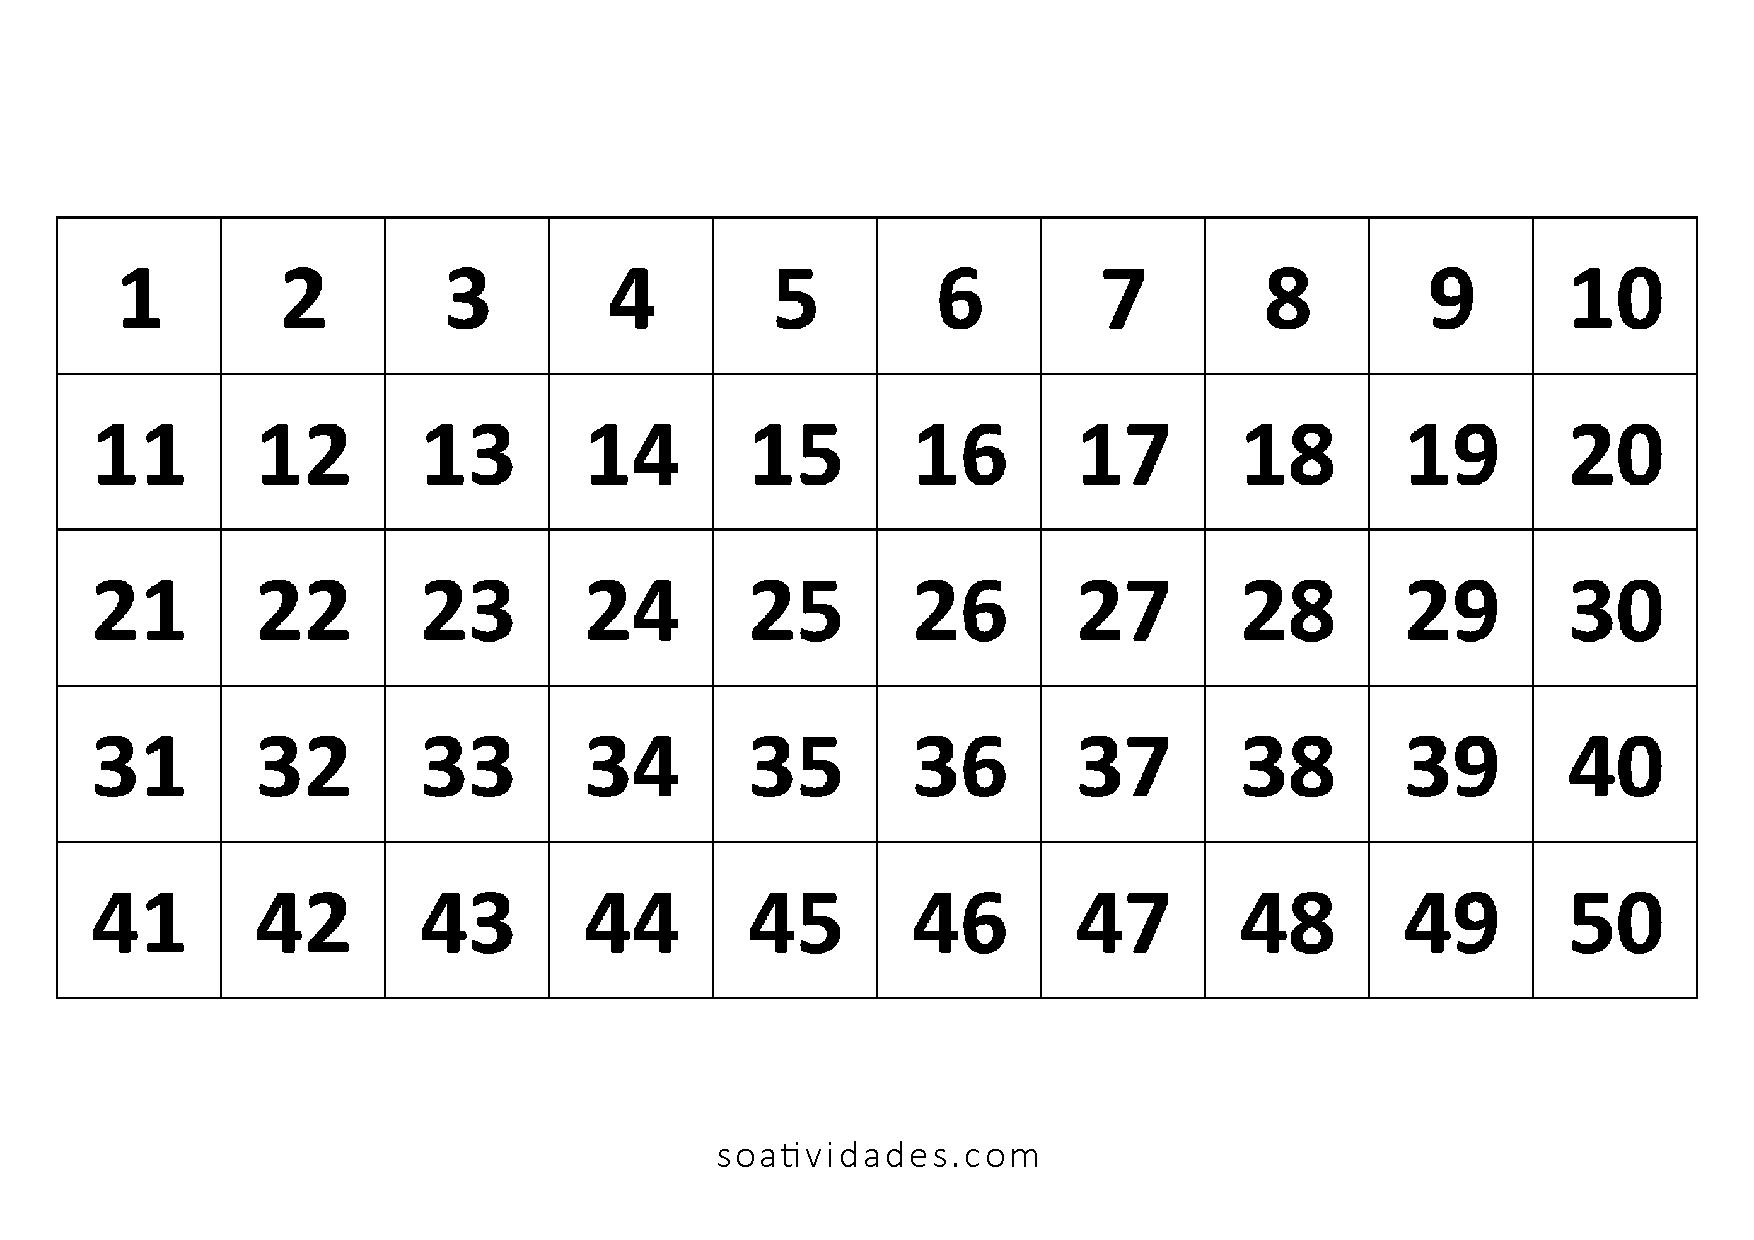 Numerais do 1 ao 50 - Só Atividades